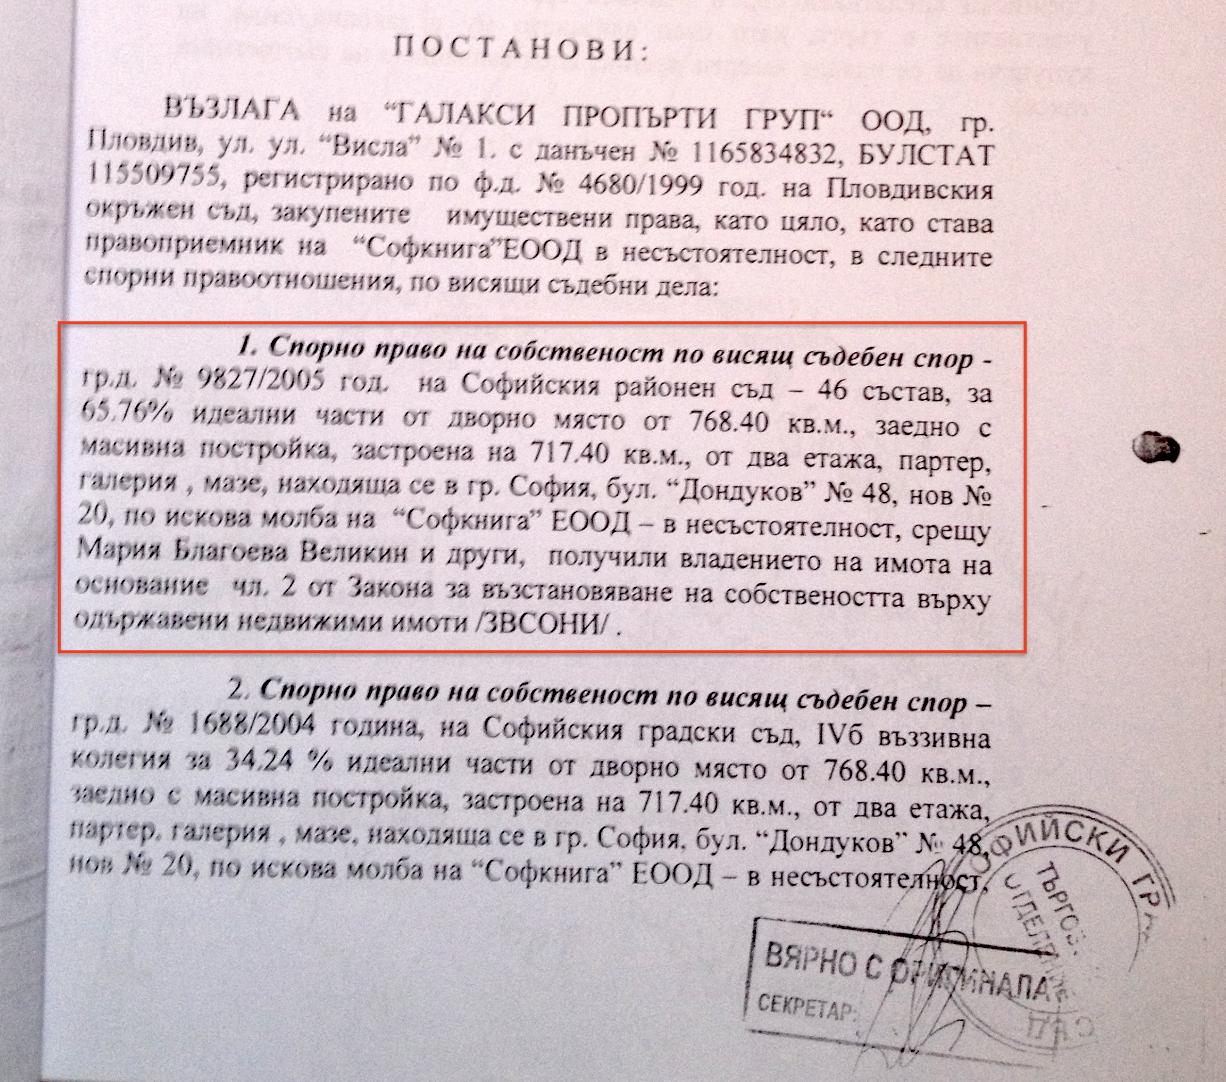 sud-galaxy-dondukov-20